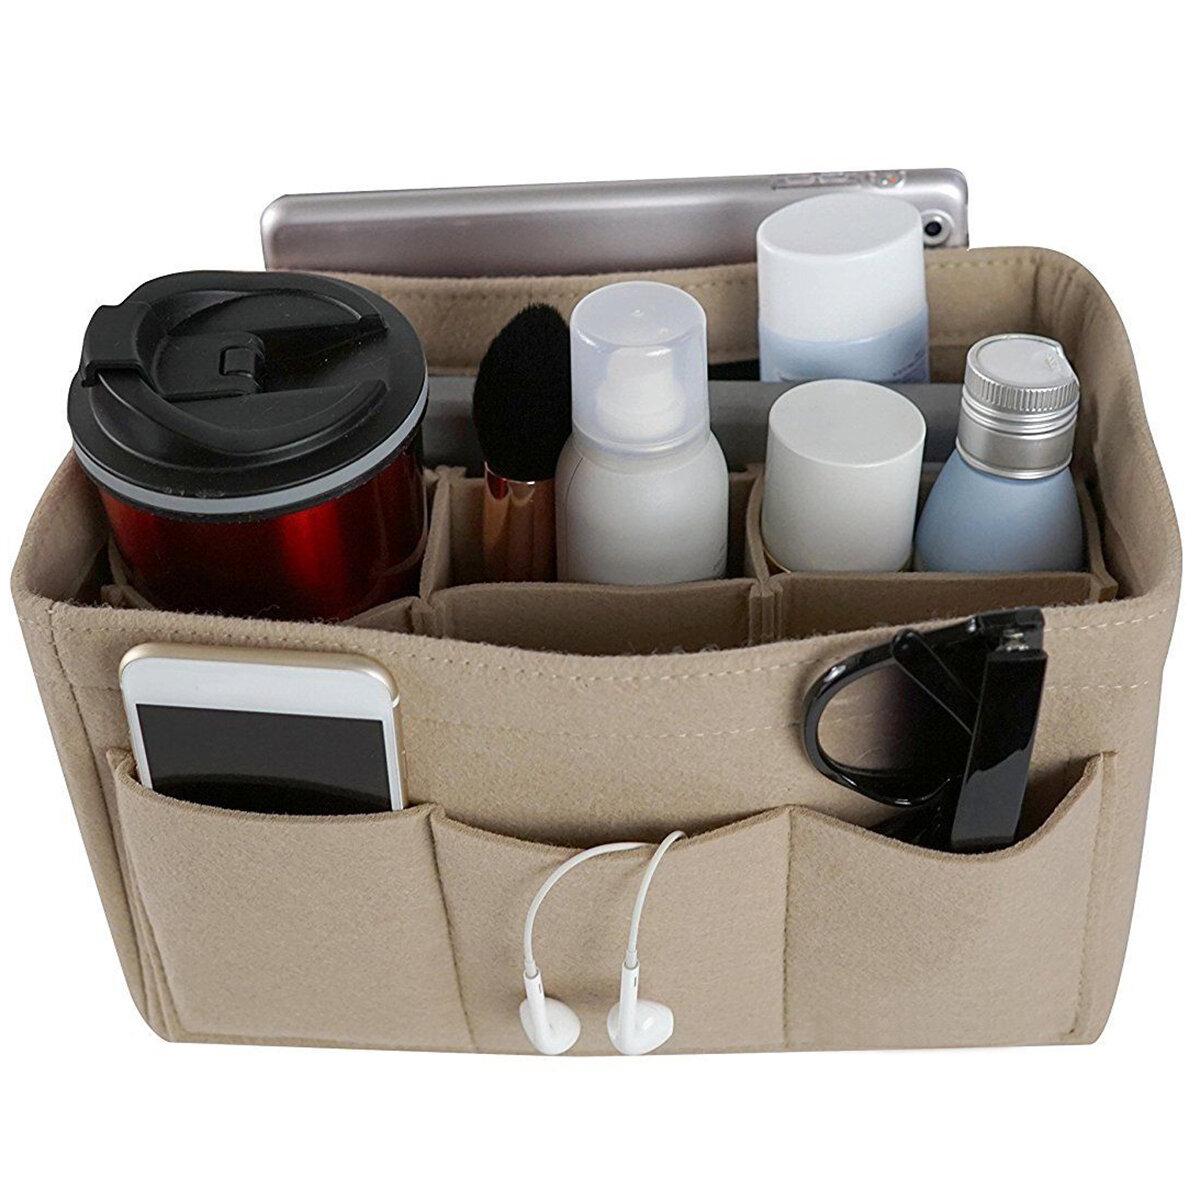 लगा बैग मल्टी जेब प्रसाधन सामग्री हैंडबैग पर्स आयोजक धारक मेकअप यात्रा जिपर